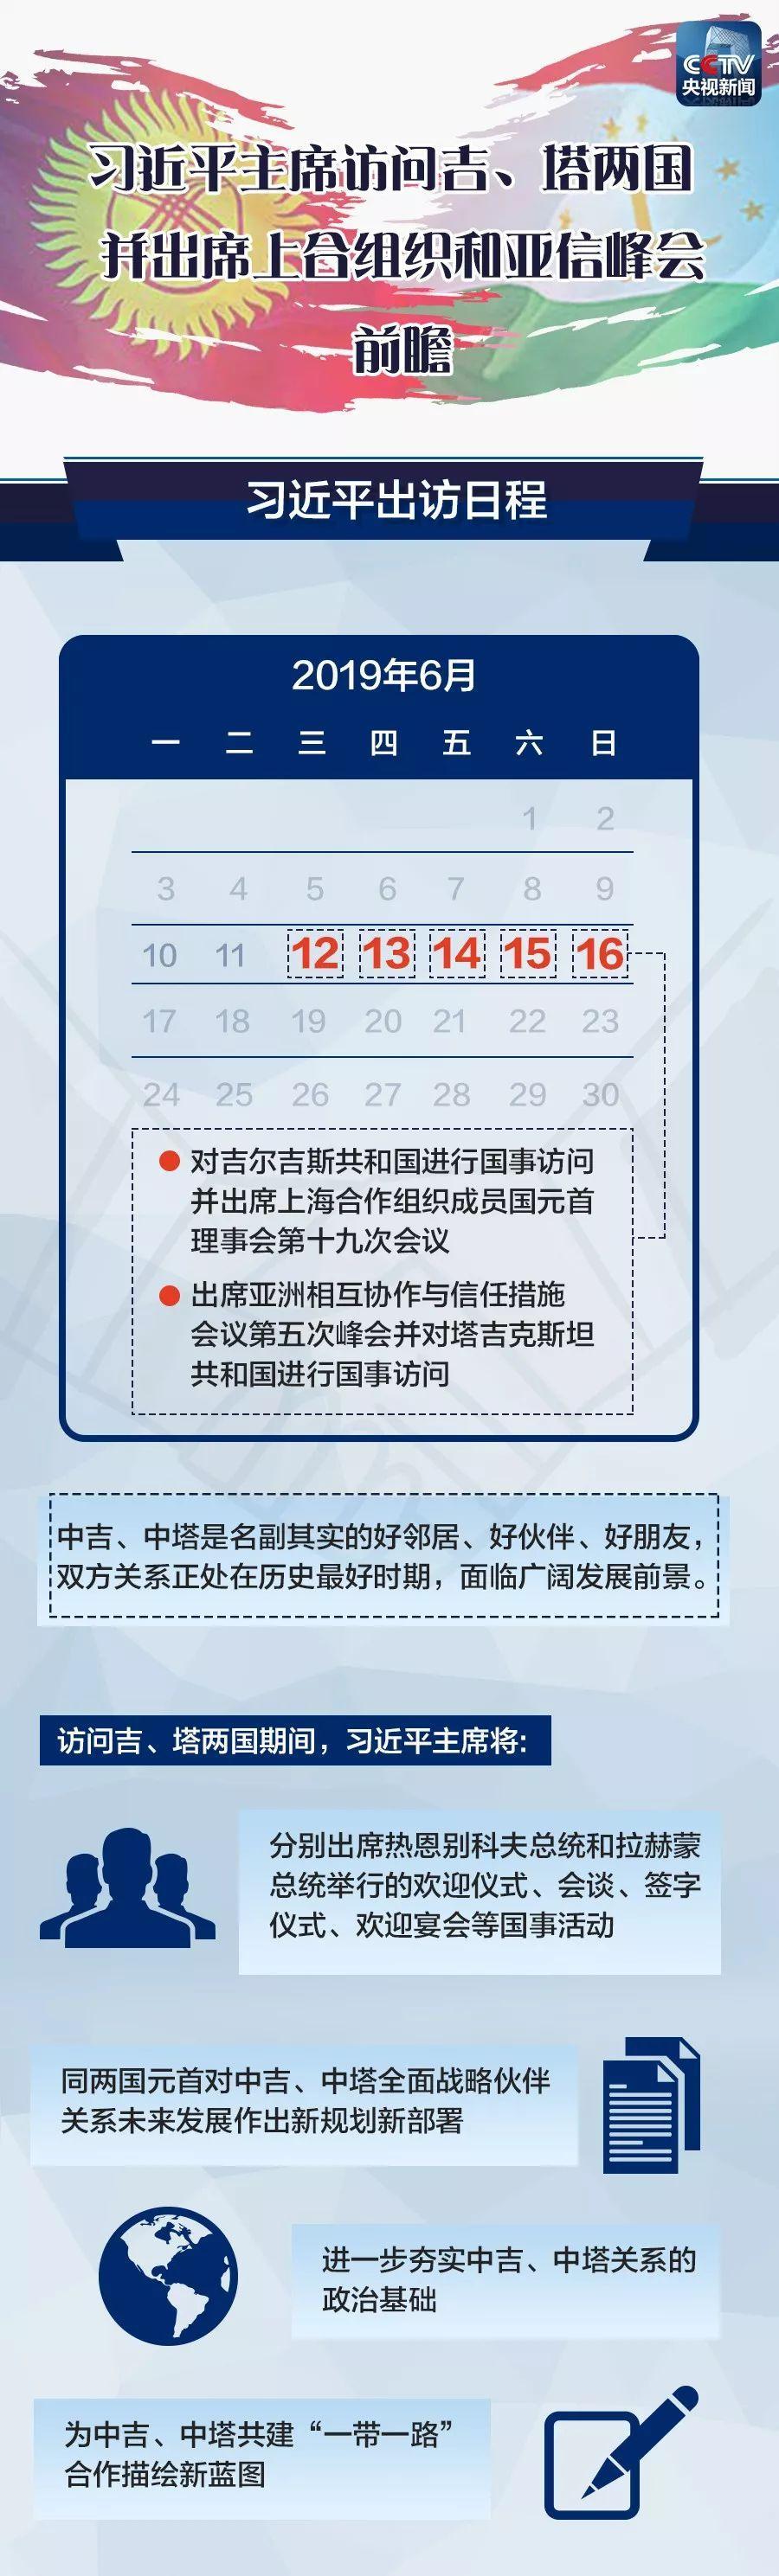 习近平主席将于6月12日至16日对吉尔吉斯斯坦、塔吉克斯坦进行国事访问并出席taoyutaole推广在比什凯克举行的上海合作组织成员国元首理事会第十九次会议和在杜尚别举行的亚洲相互协作与信任措施会议第五次峰会